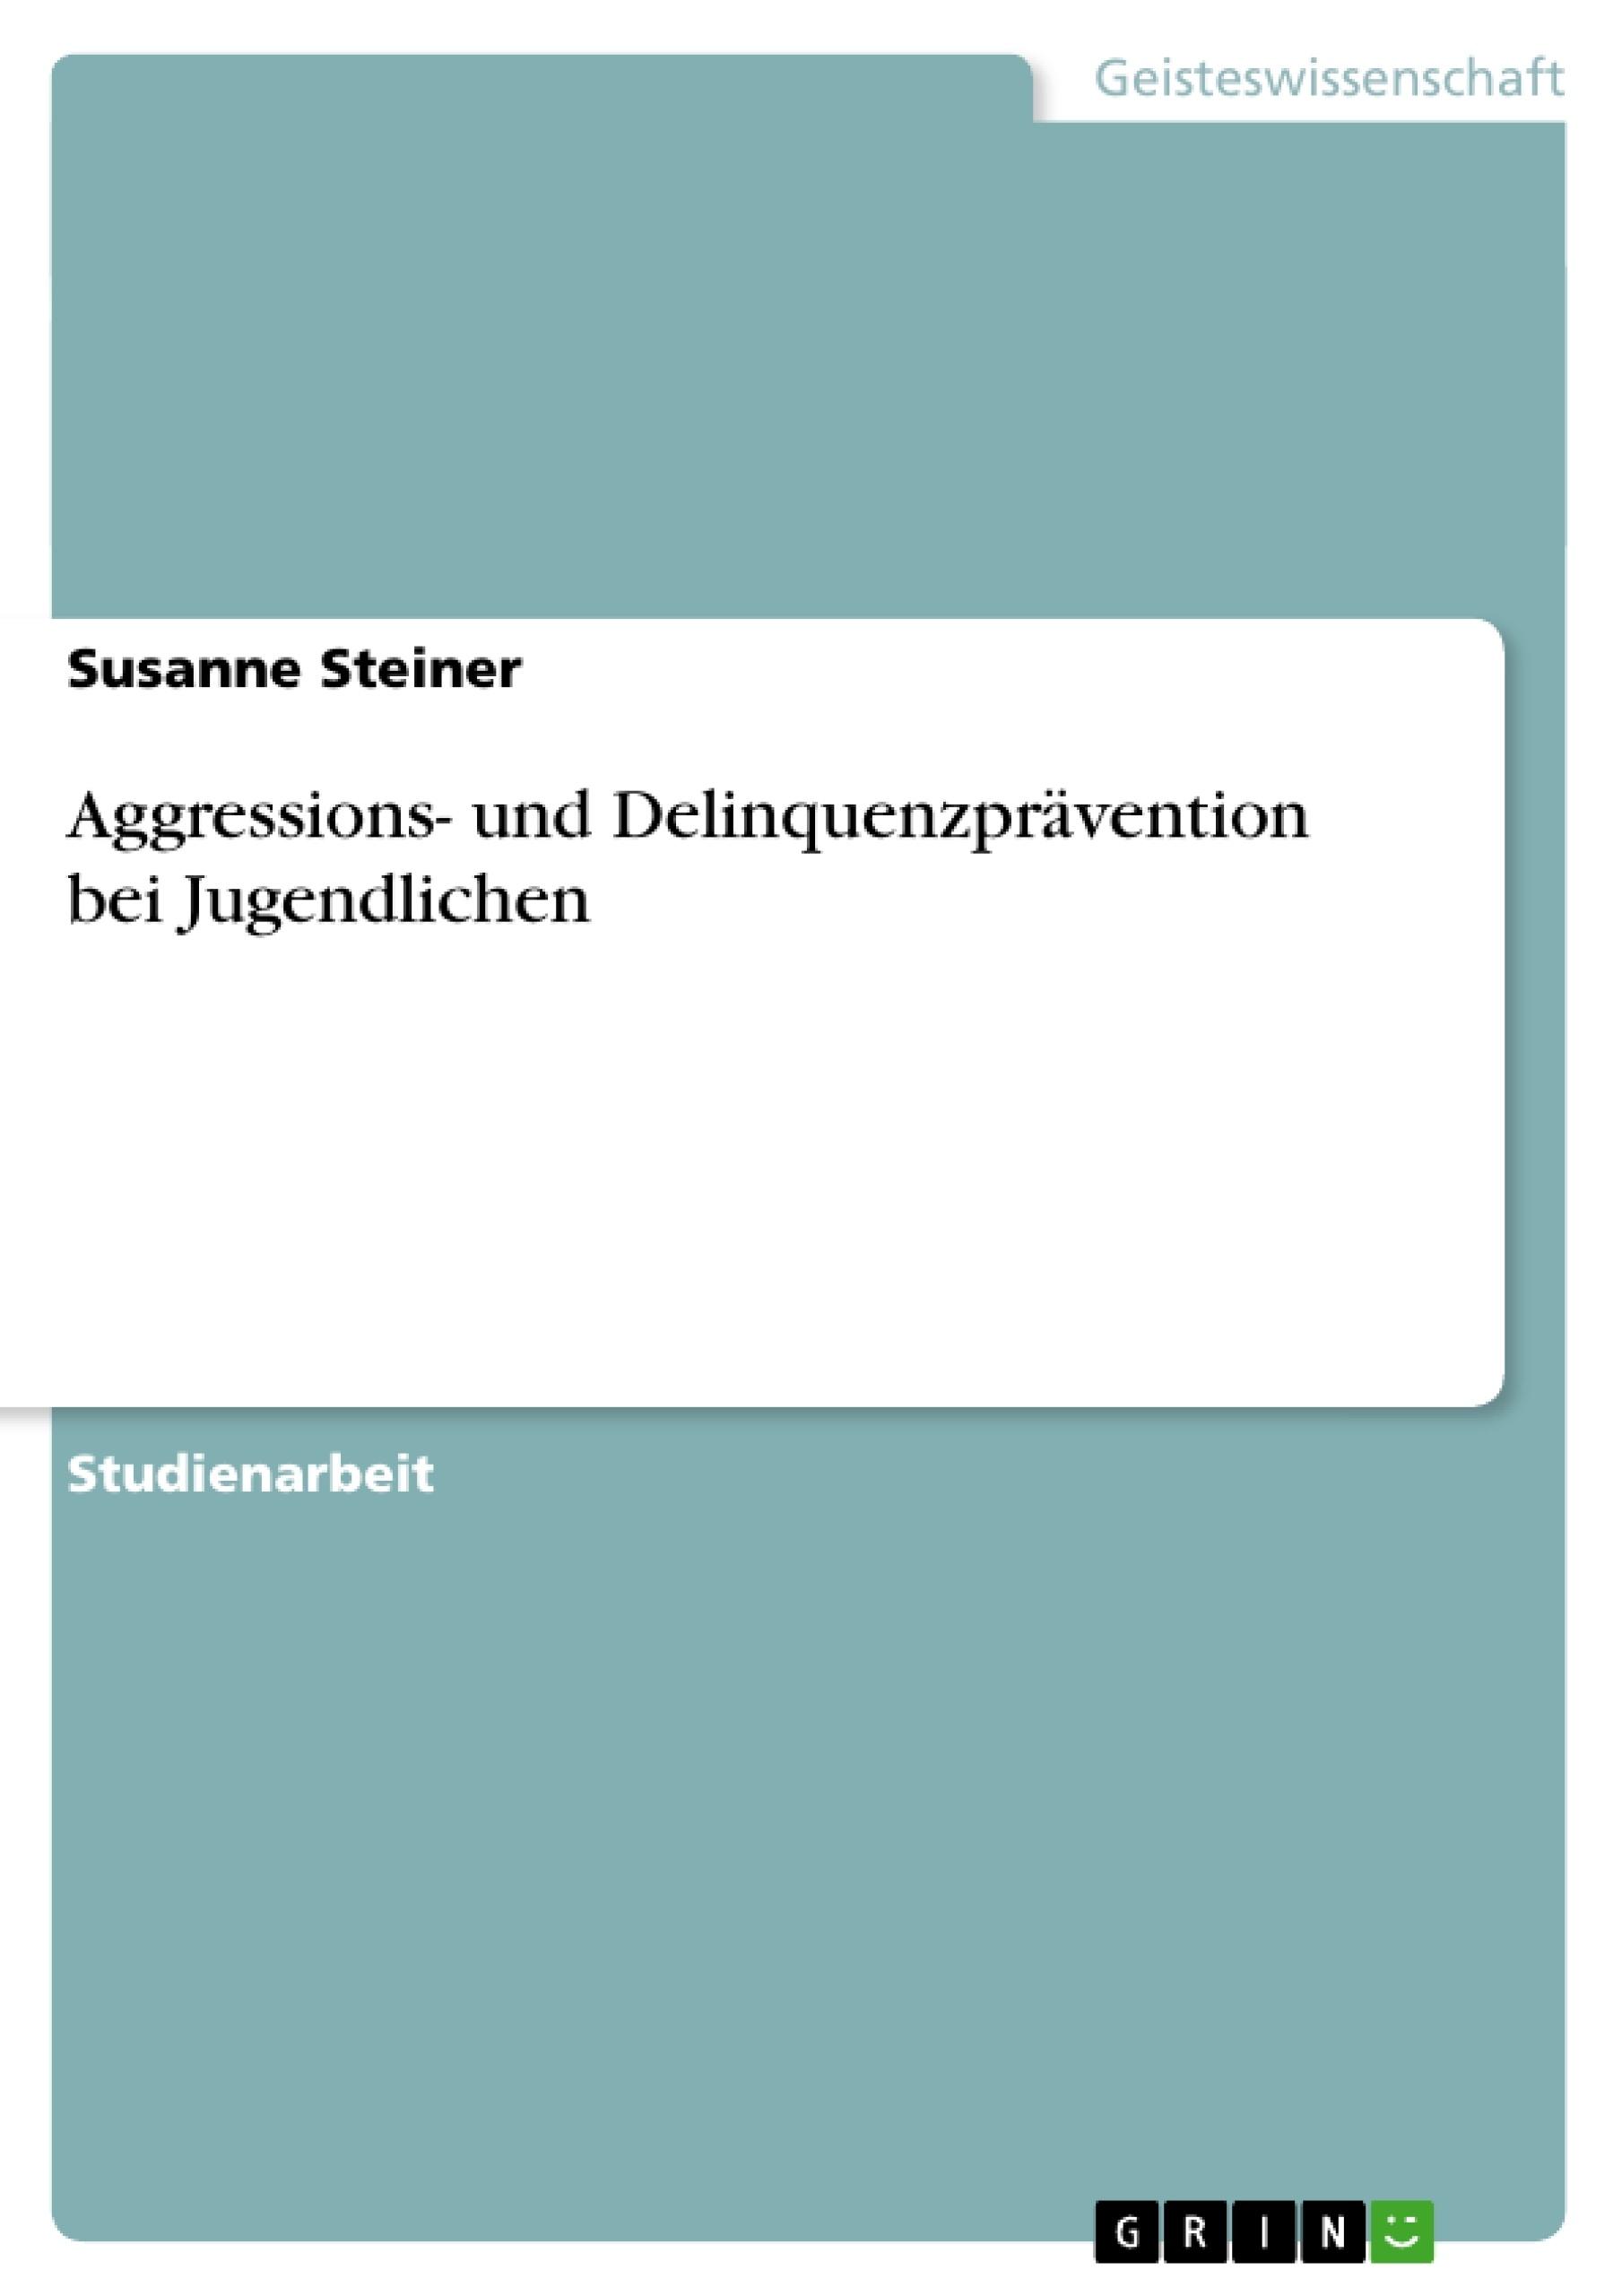 Titel: Aggressions- und Delinquenzprävention bei Jugendlichen